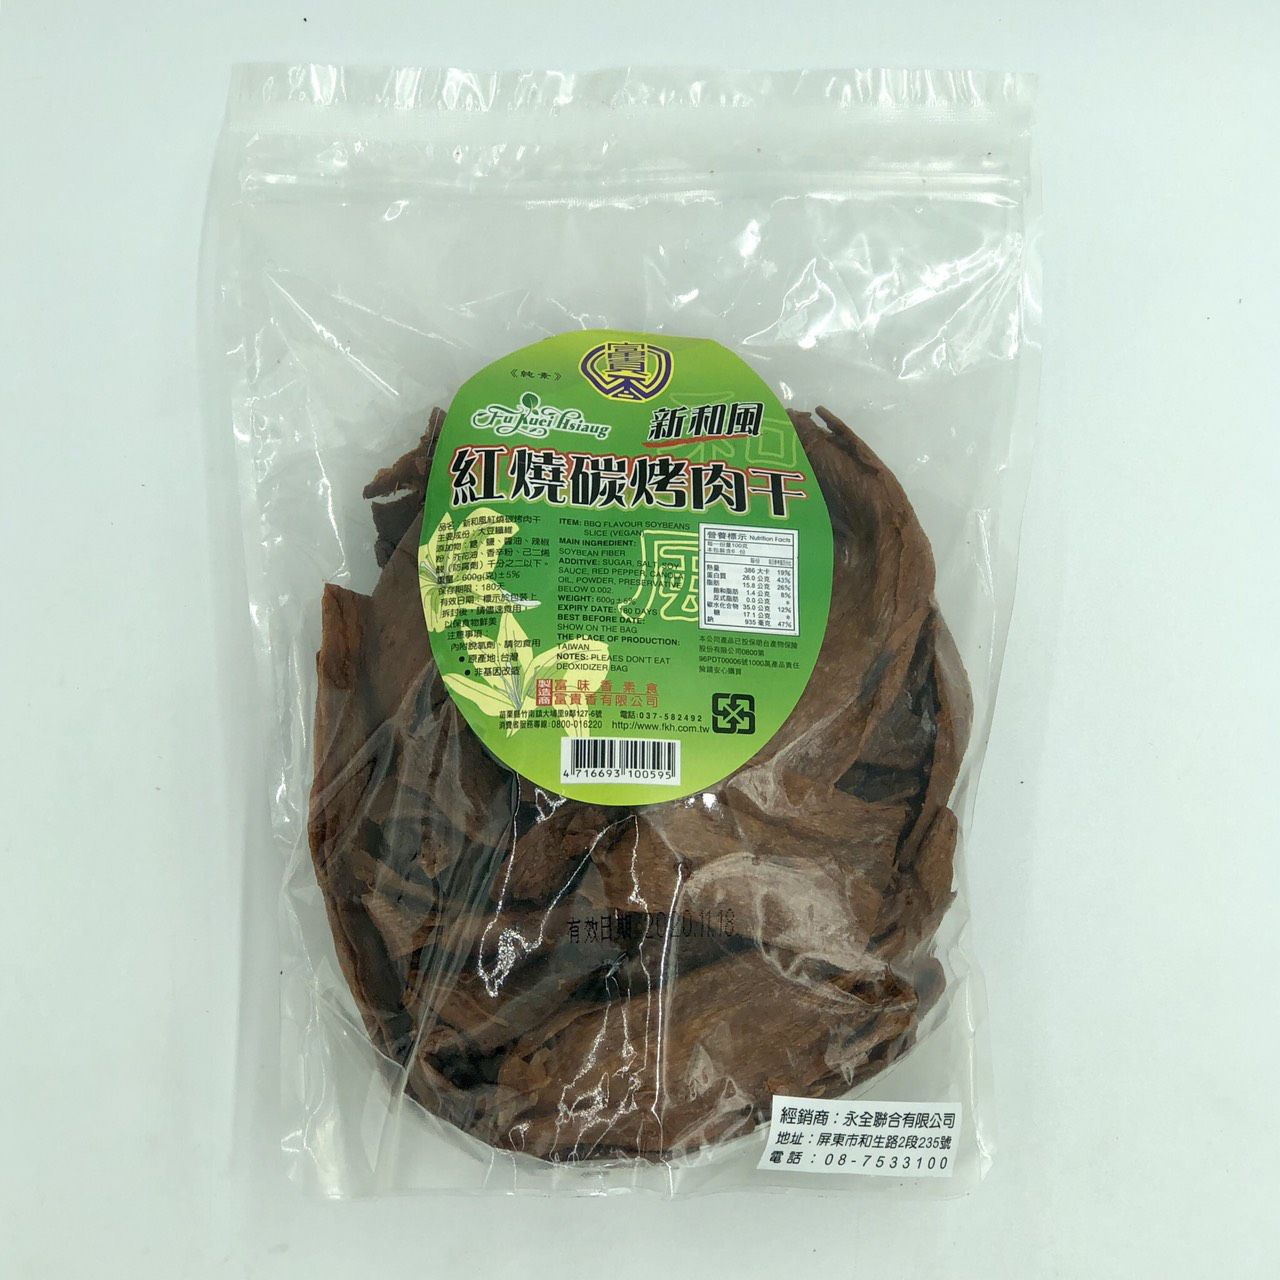 (富貴香)紅燒碳烤肉干600g(全素)